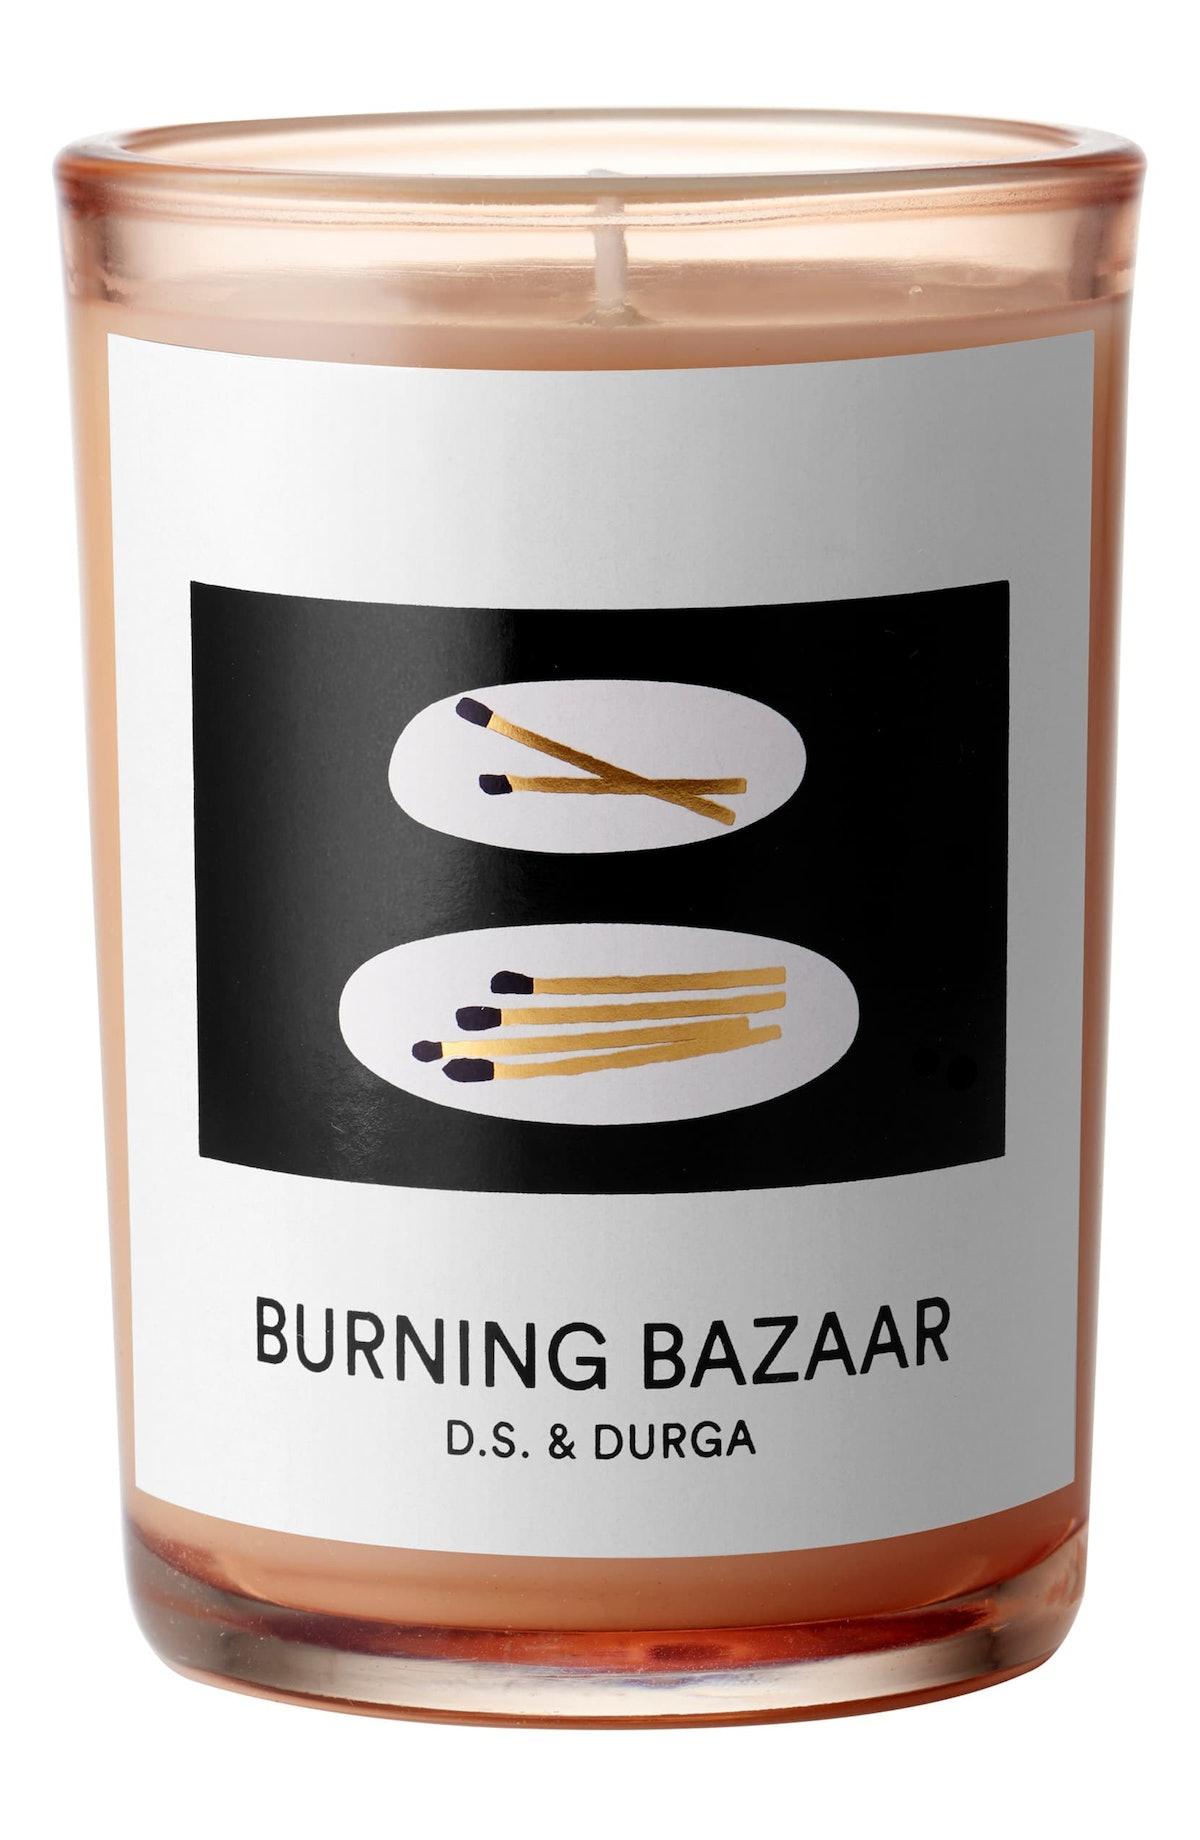 Burning Bazaar Candle